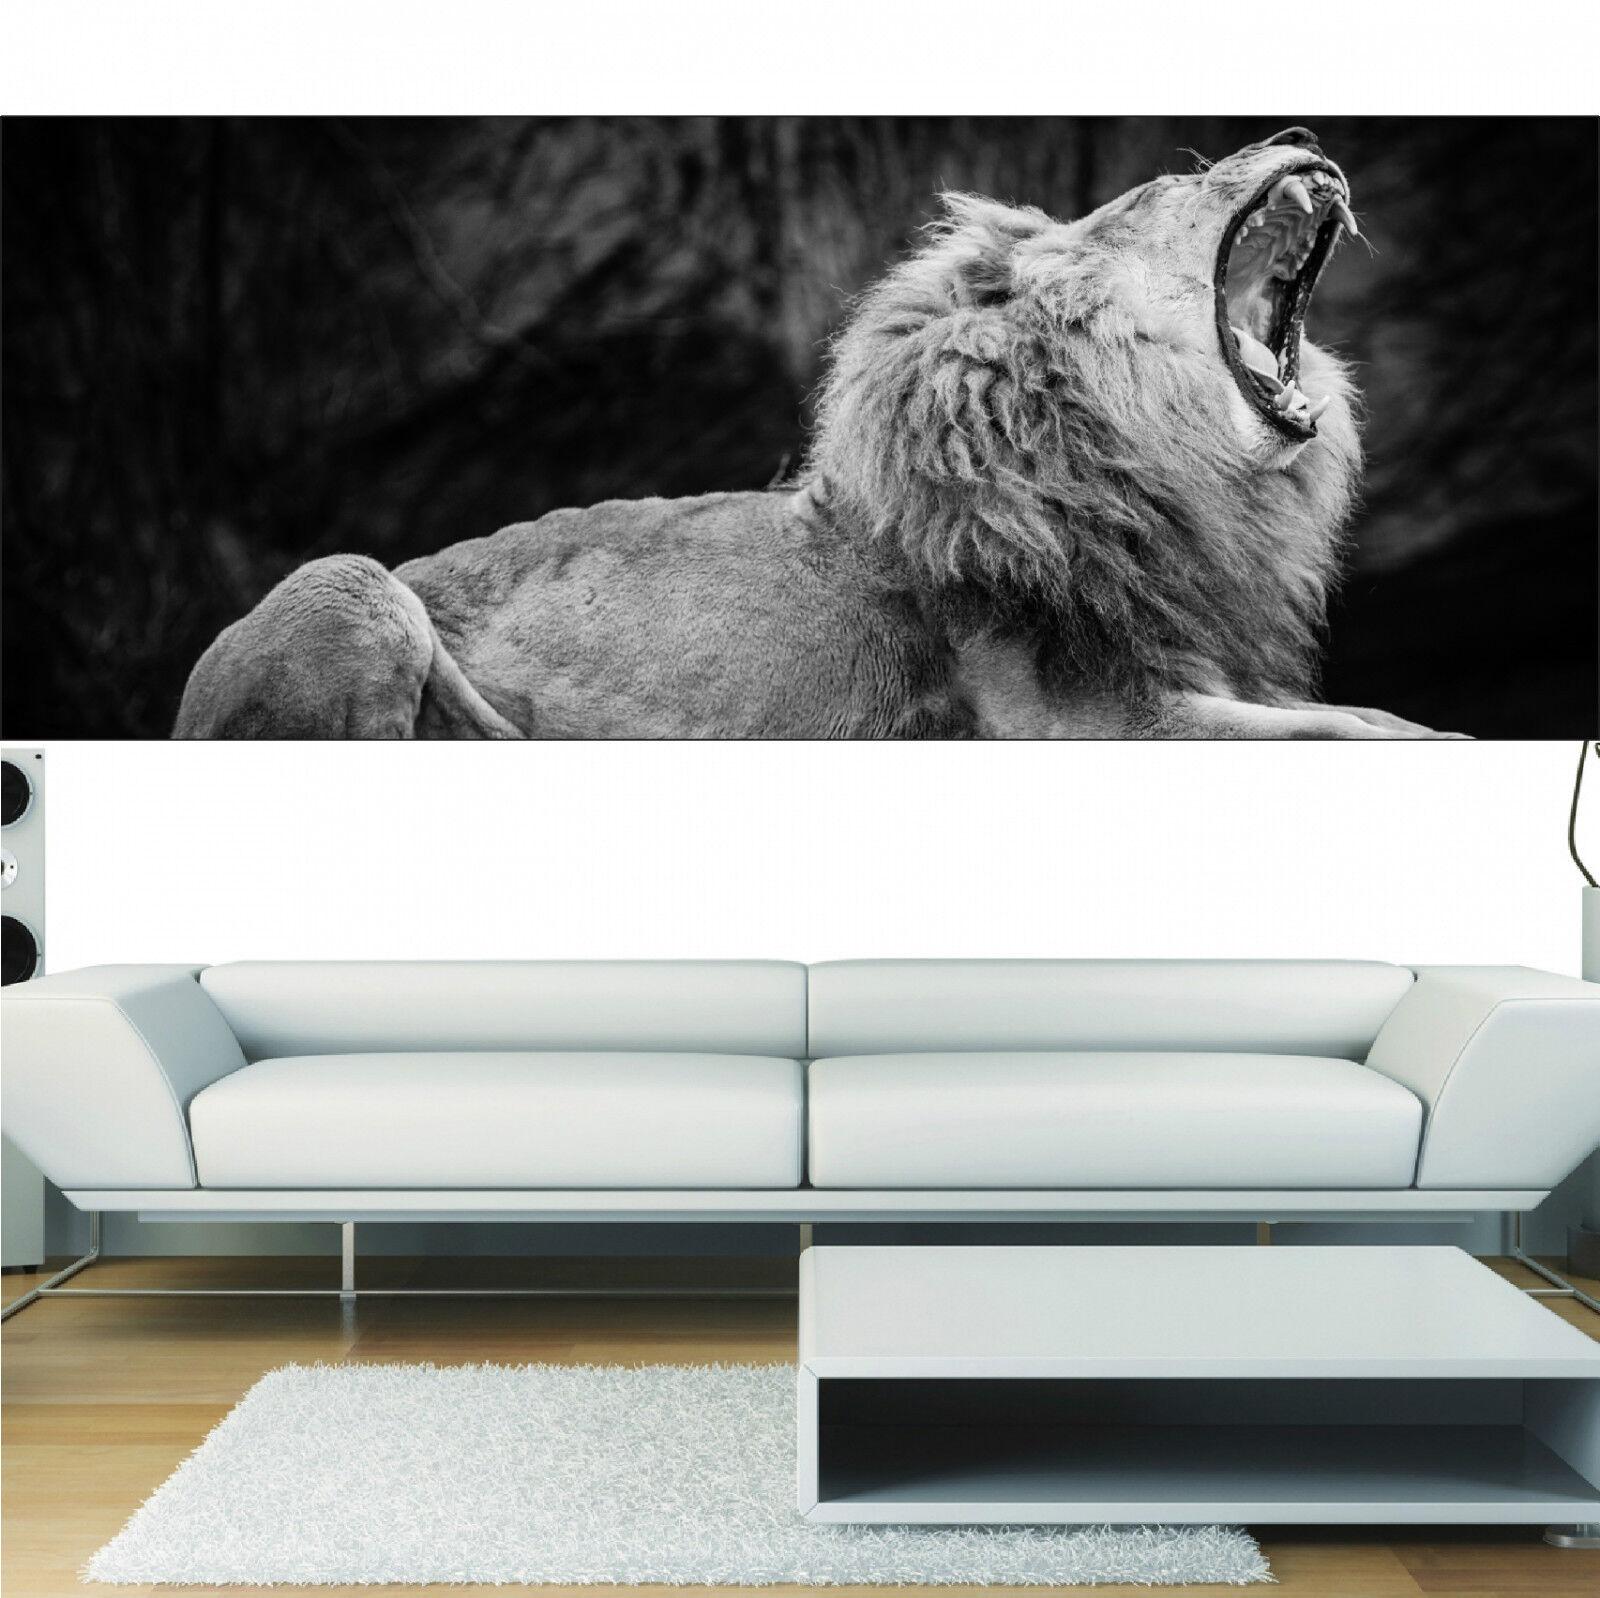 Aufkleber Panorama Deko Löwe die Brüllt black & white Ref 3661 (13 Größe)